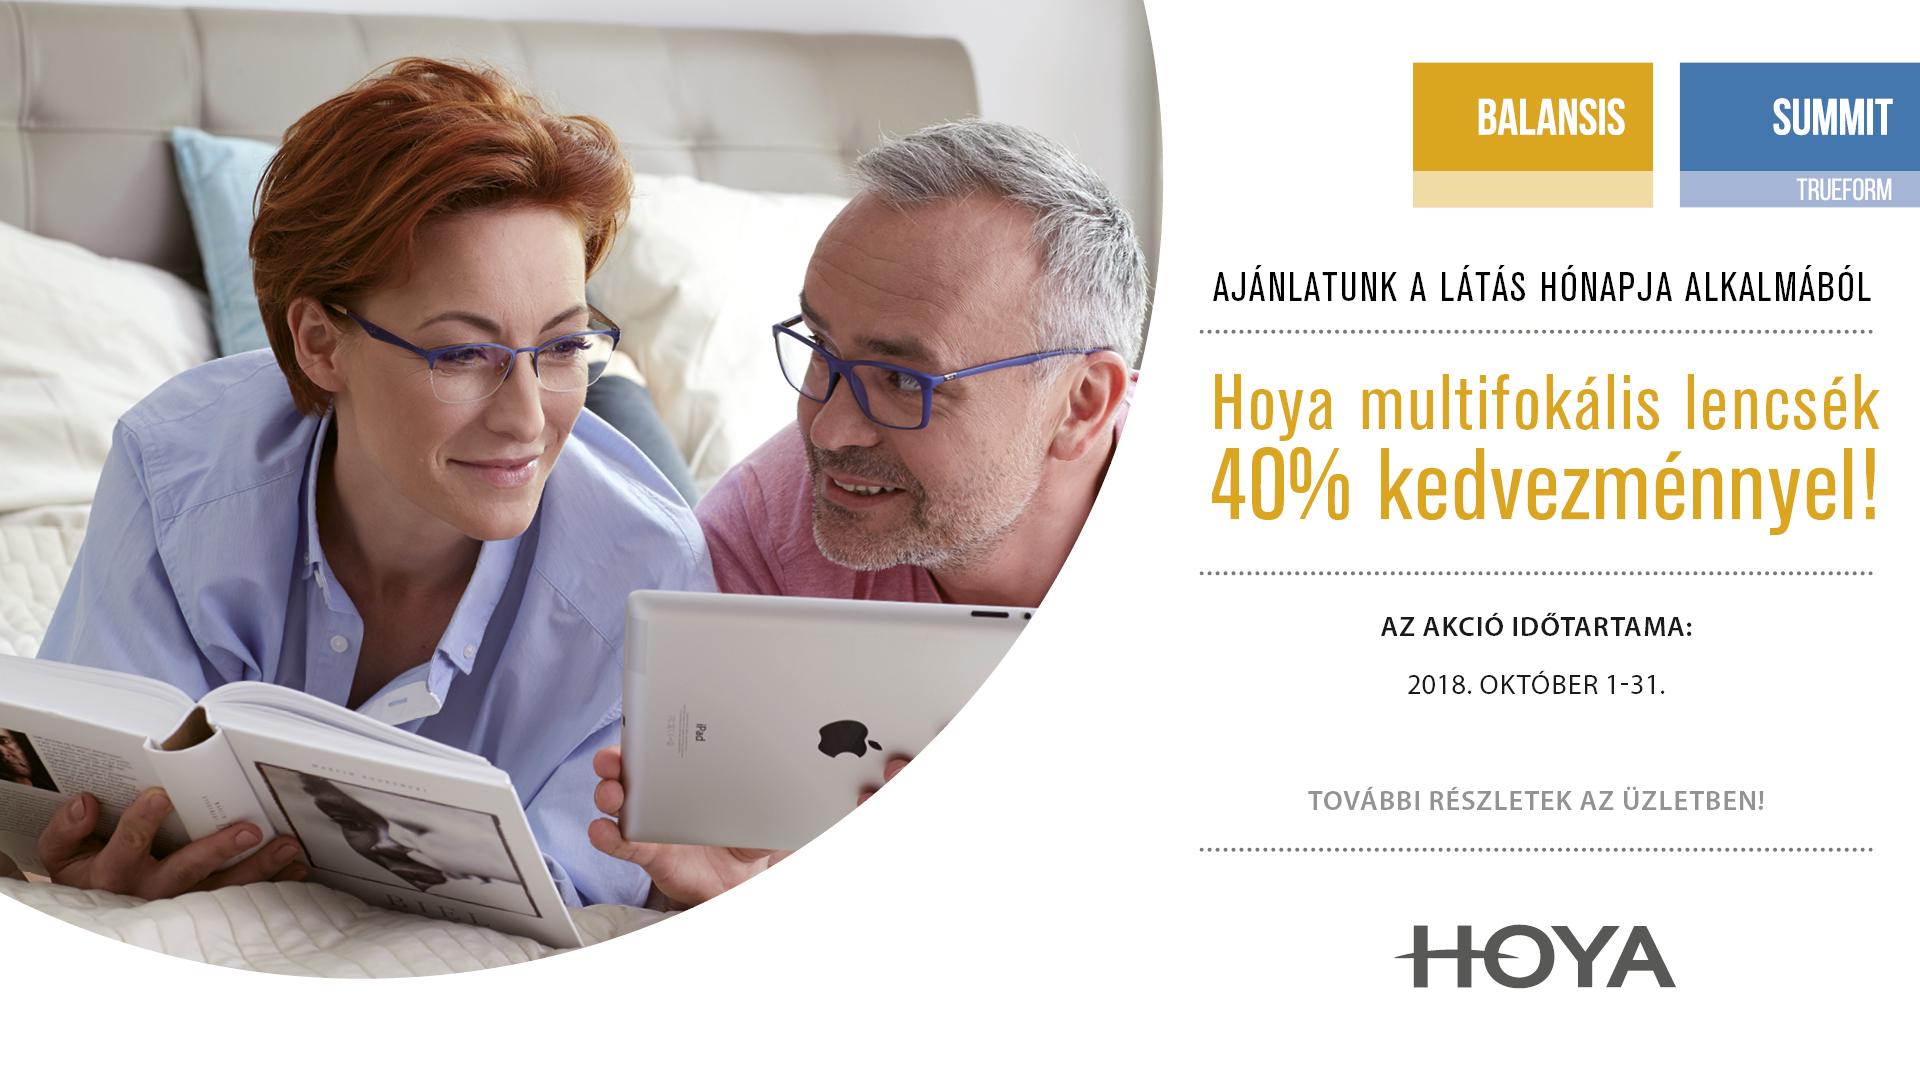 Hoya multifoális lencsék 40% kedvezménnyel!